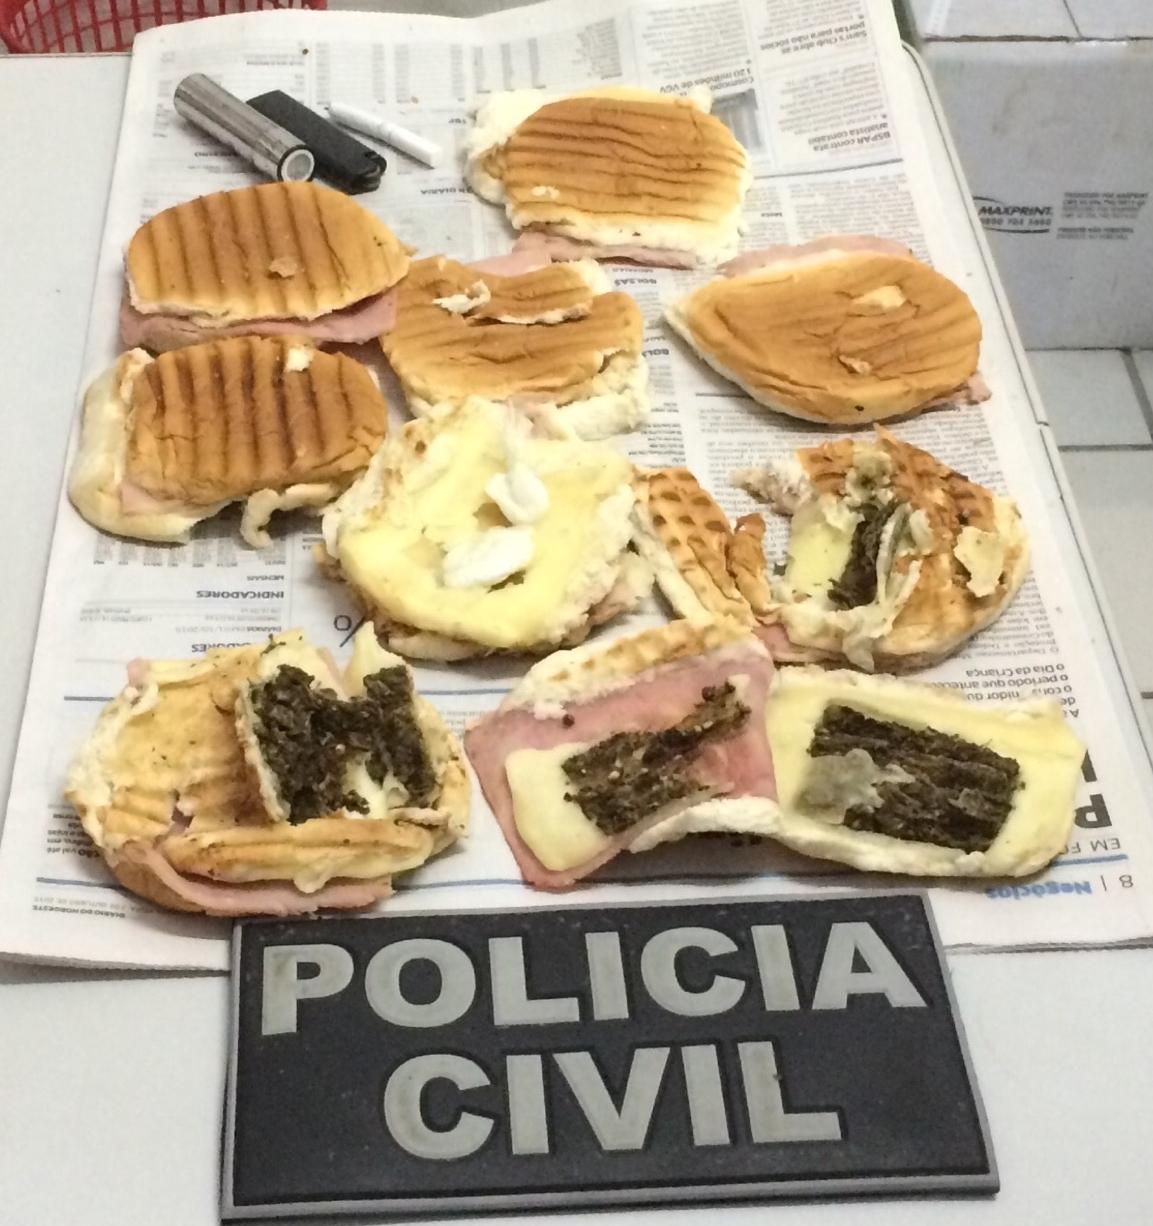 Os oito sanduíches estavam repletos de cocaína e maconha (FOTO: Abraão Ramos/TV Jangadeiro)